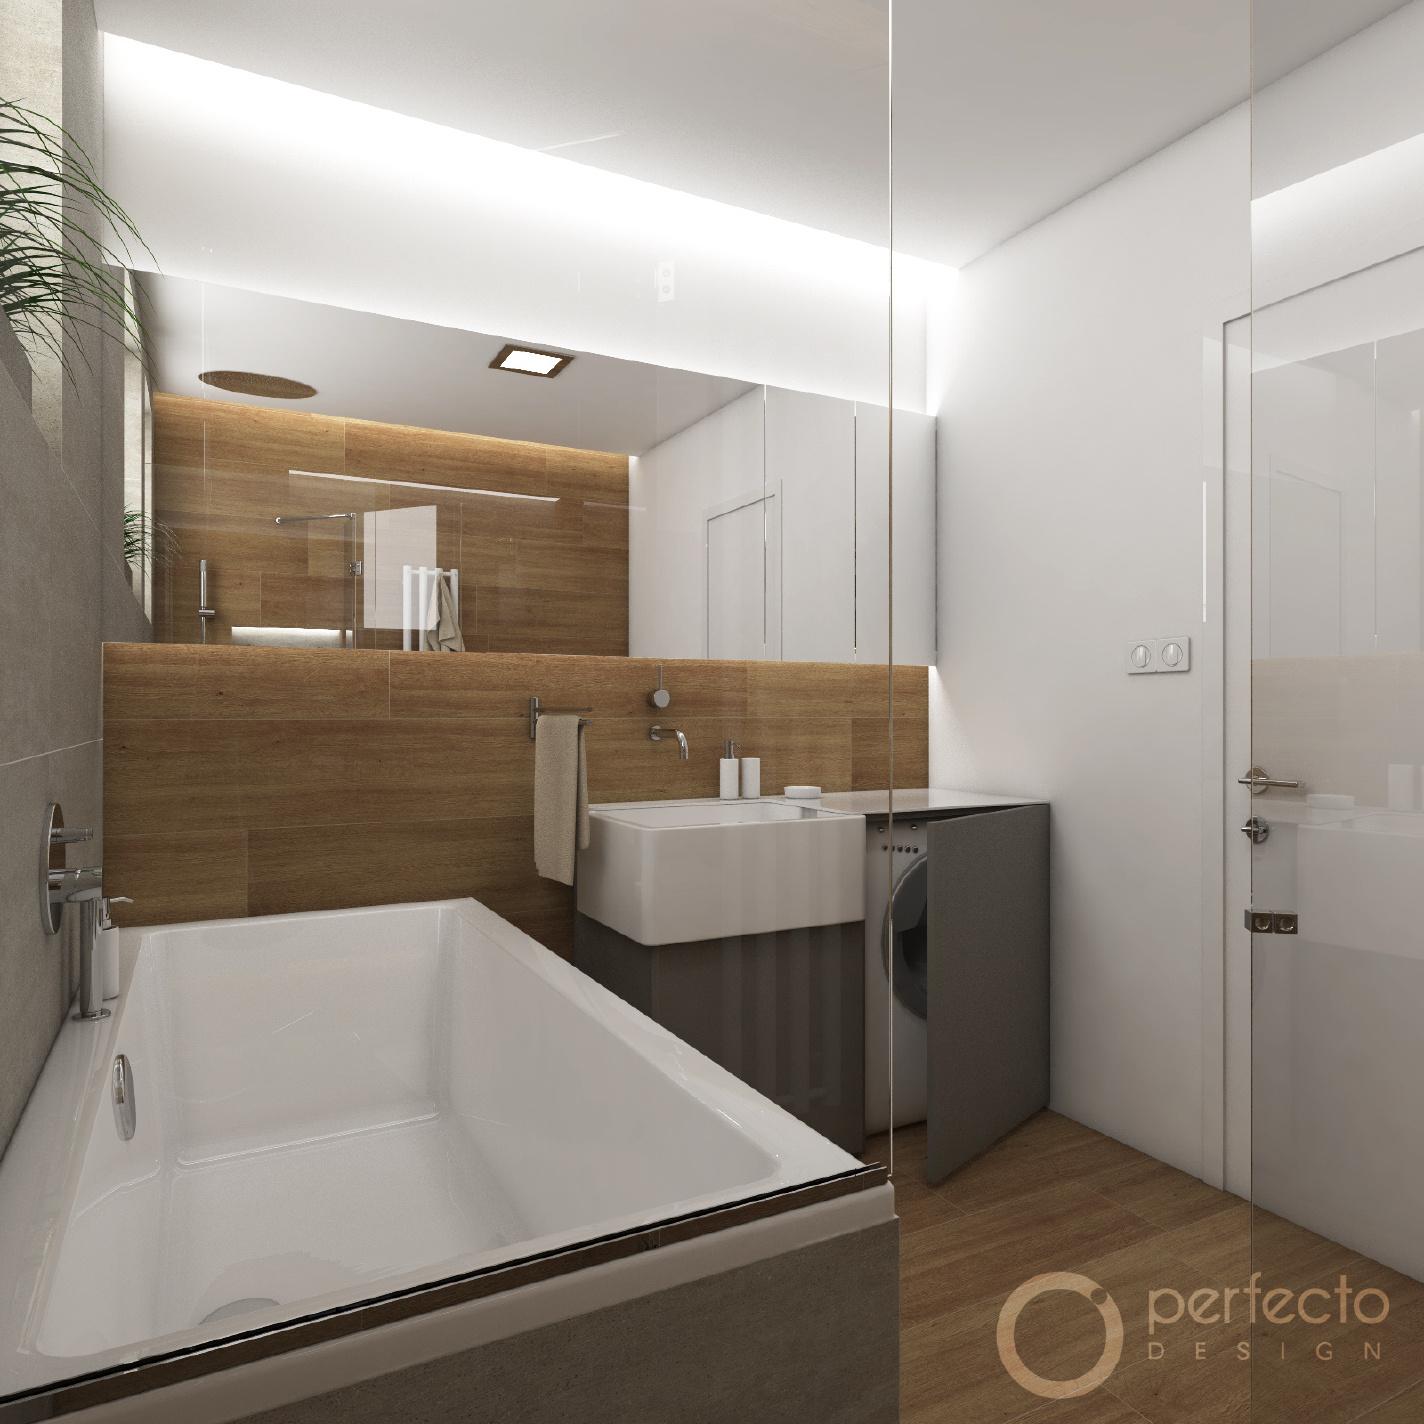 modernes badezimmer golf perfecto design. Black Bedroom Furniture Sets. Home Design Ideas